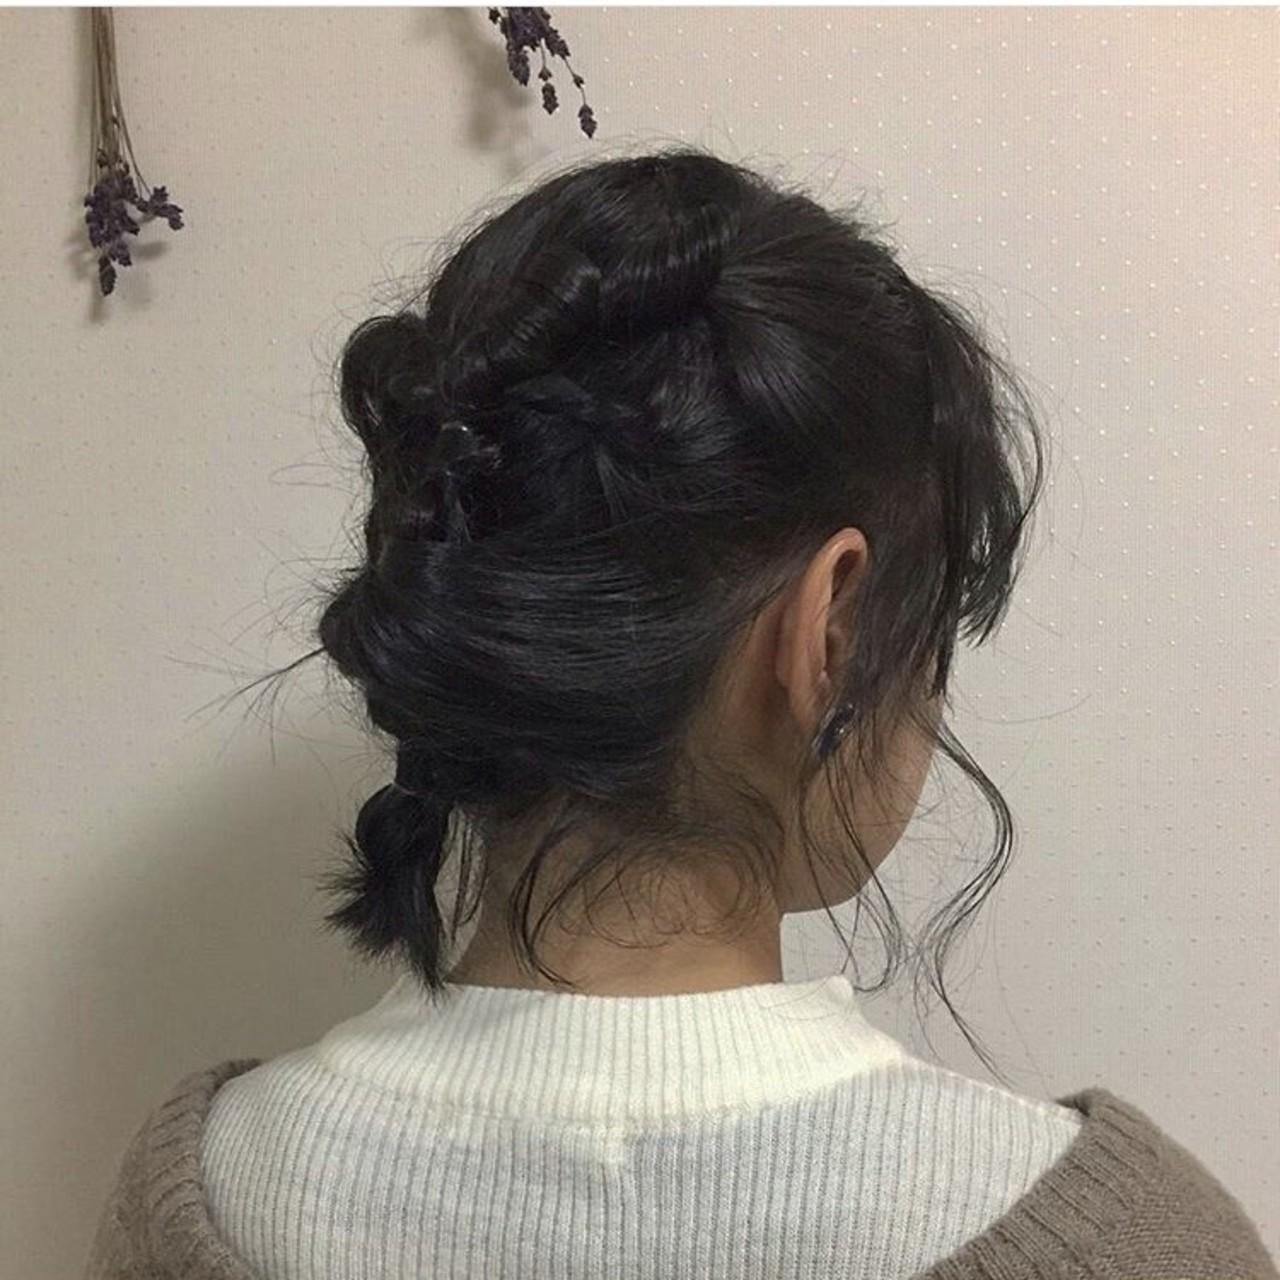 アンニュイ ボブ ヘアアレンジ ナチュラル ヘアスタイルや髪型の写真・画像 | ナカムラ ミノリ / 株式会社 Luxe(ラグゼ)